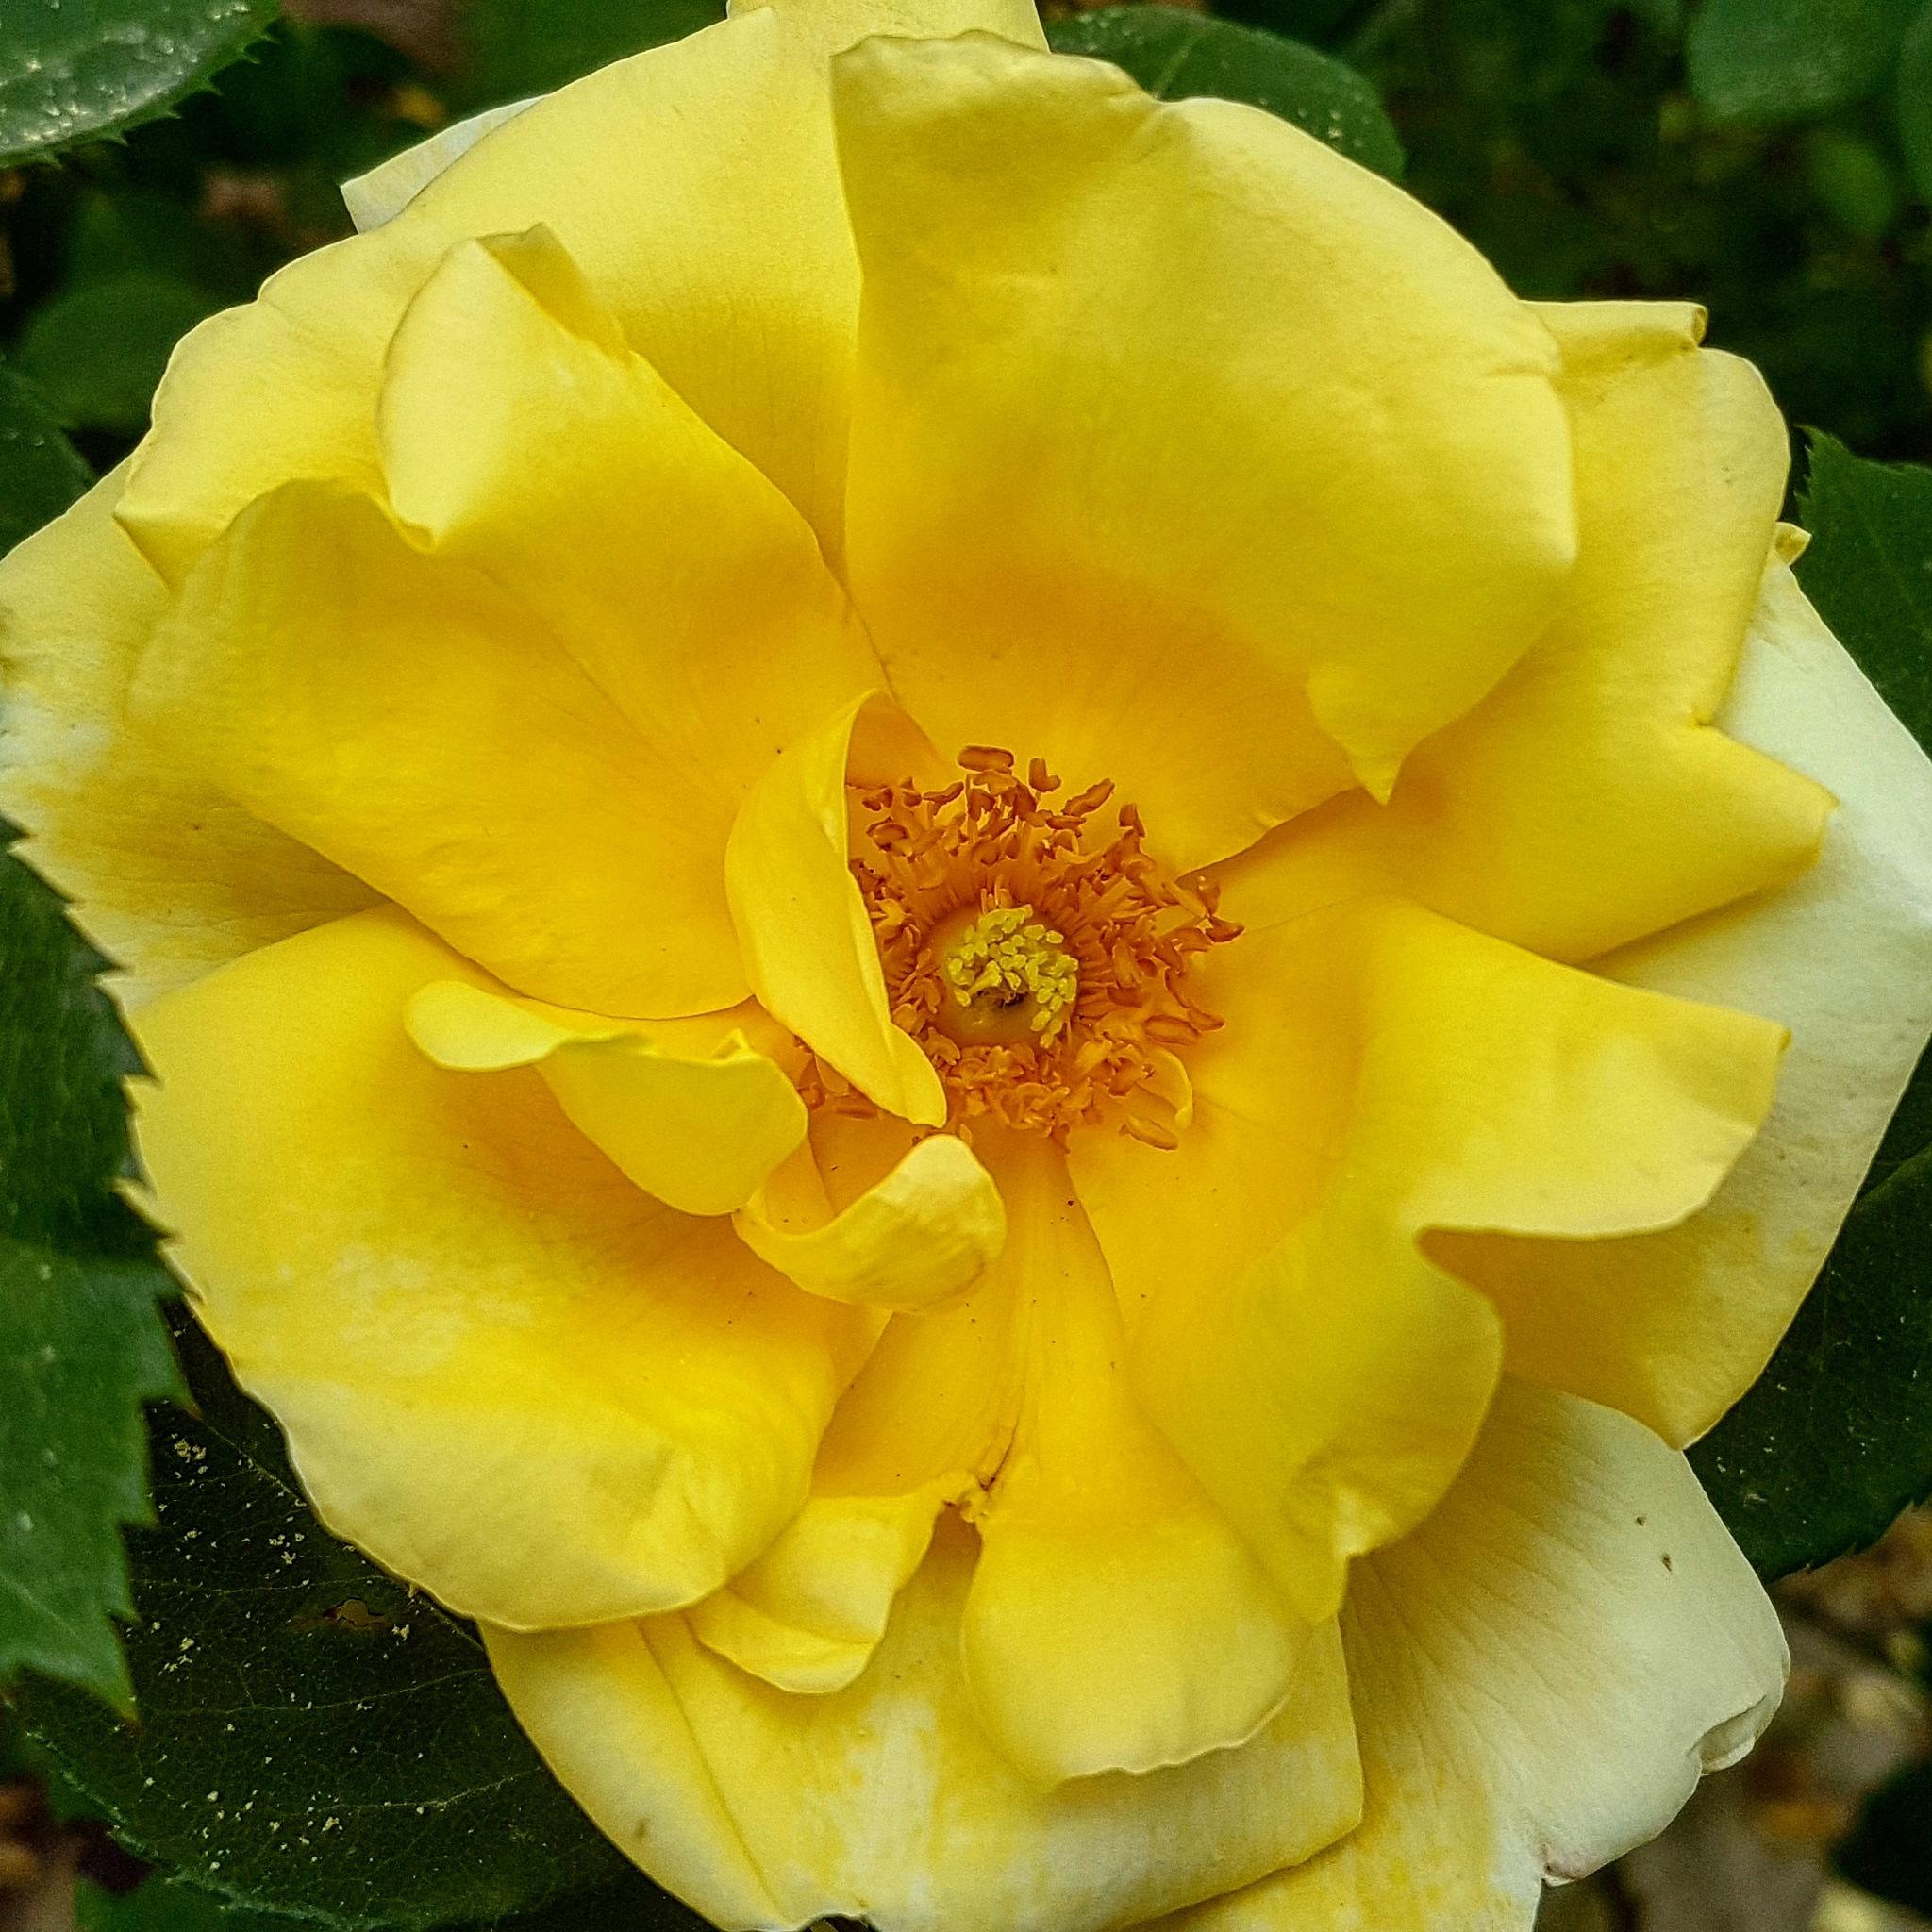 Rose garden by taherikambiz